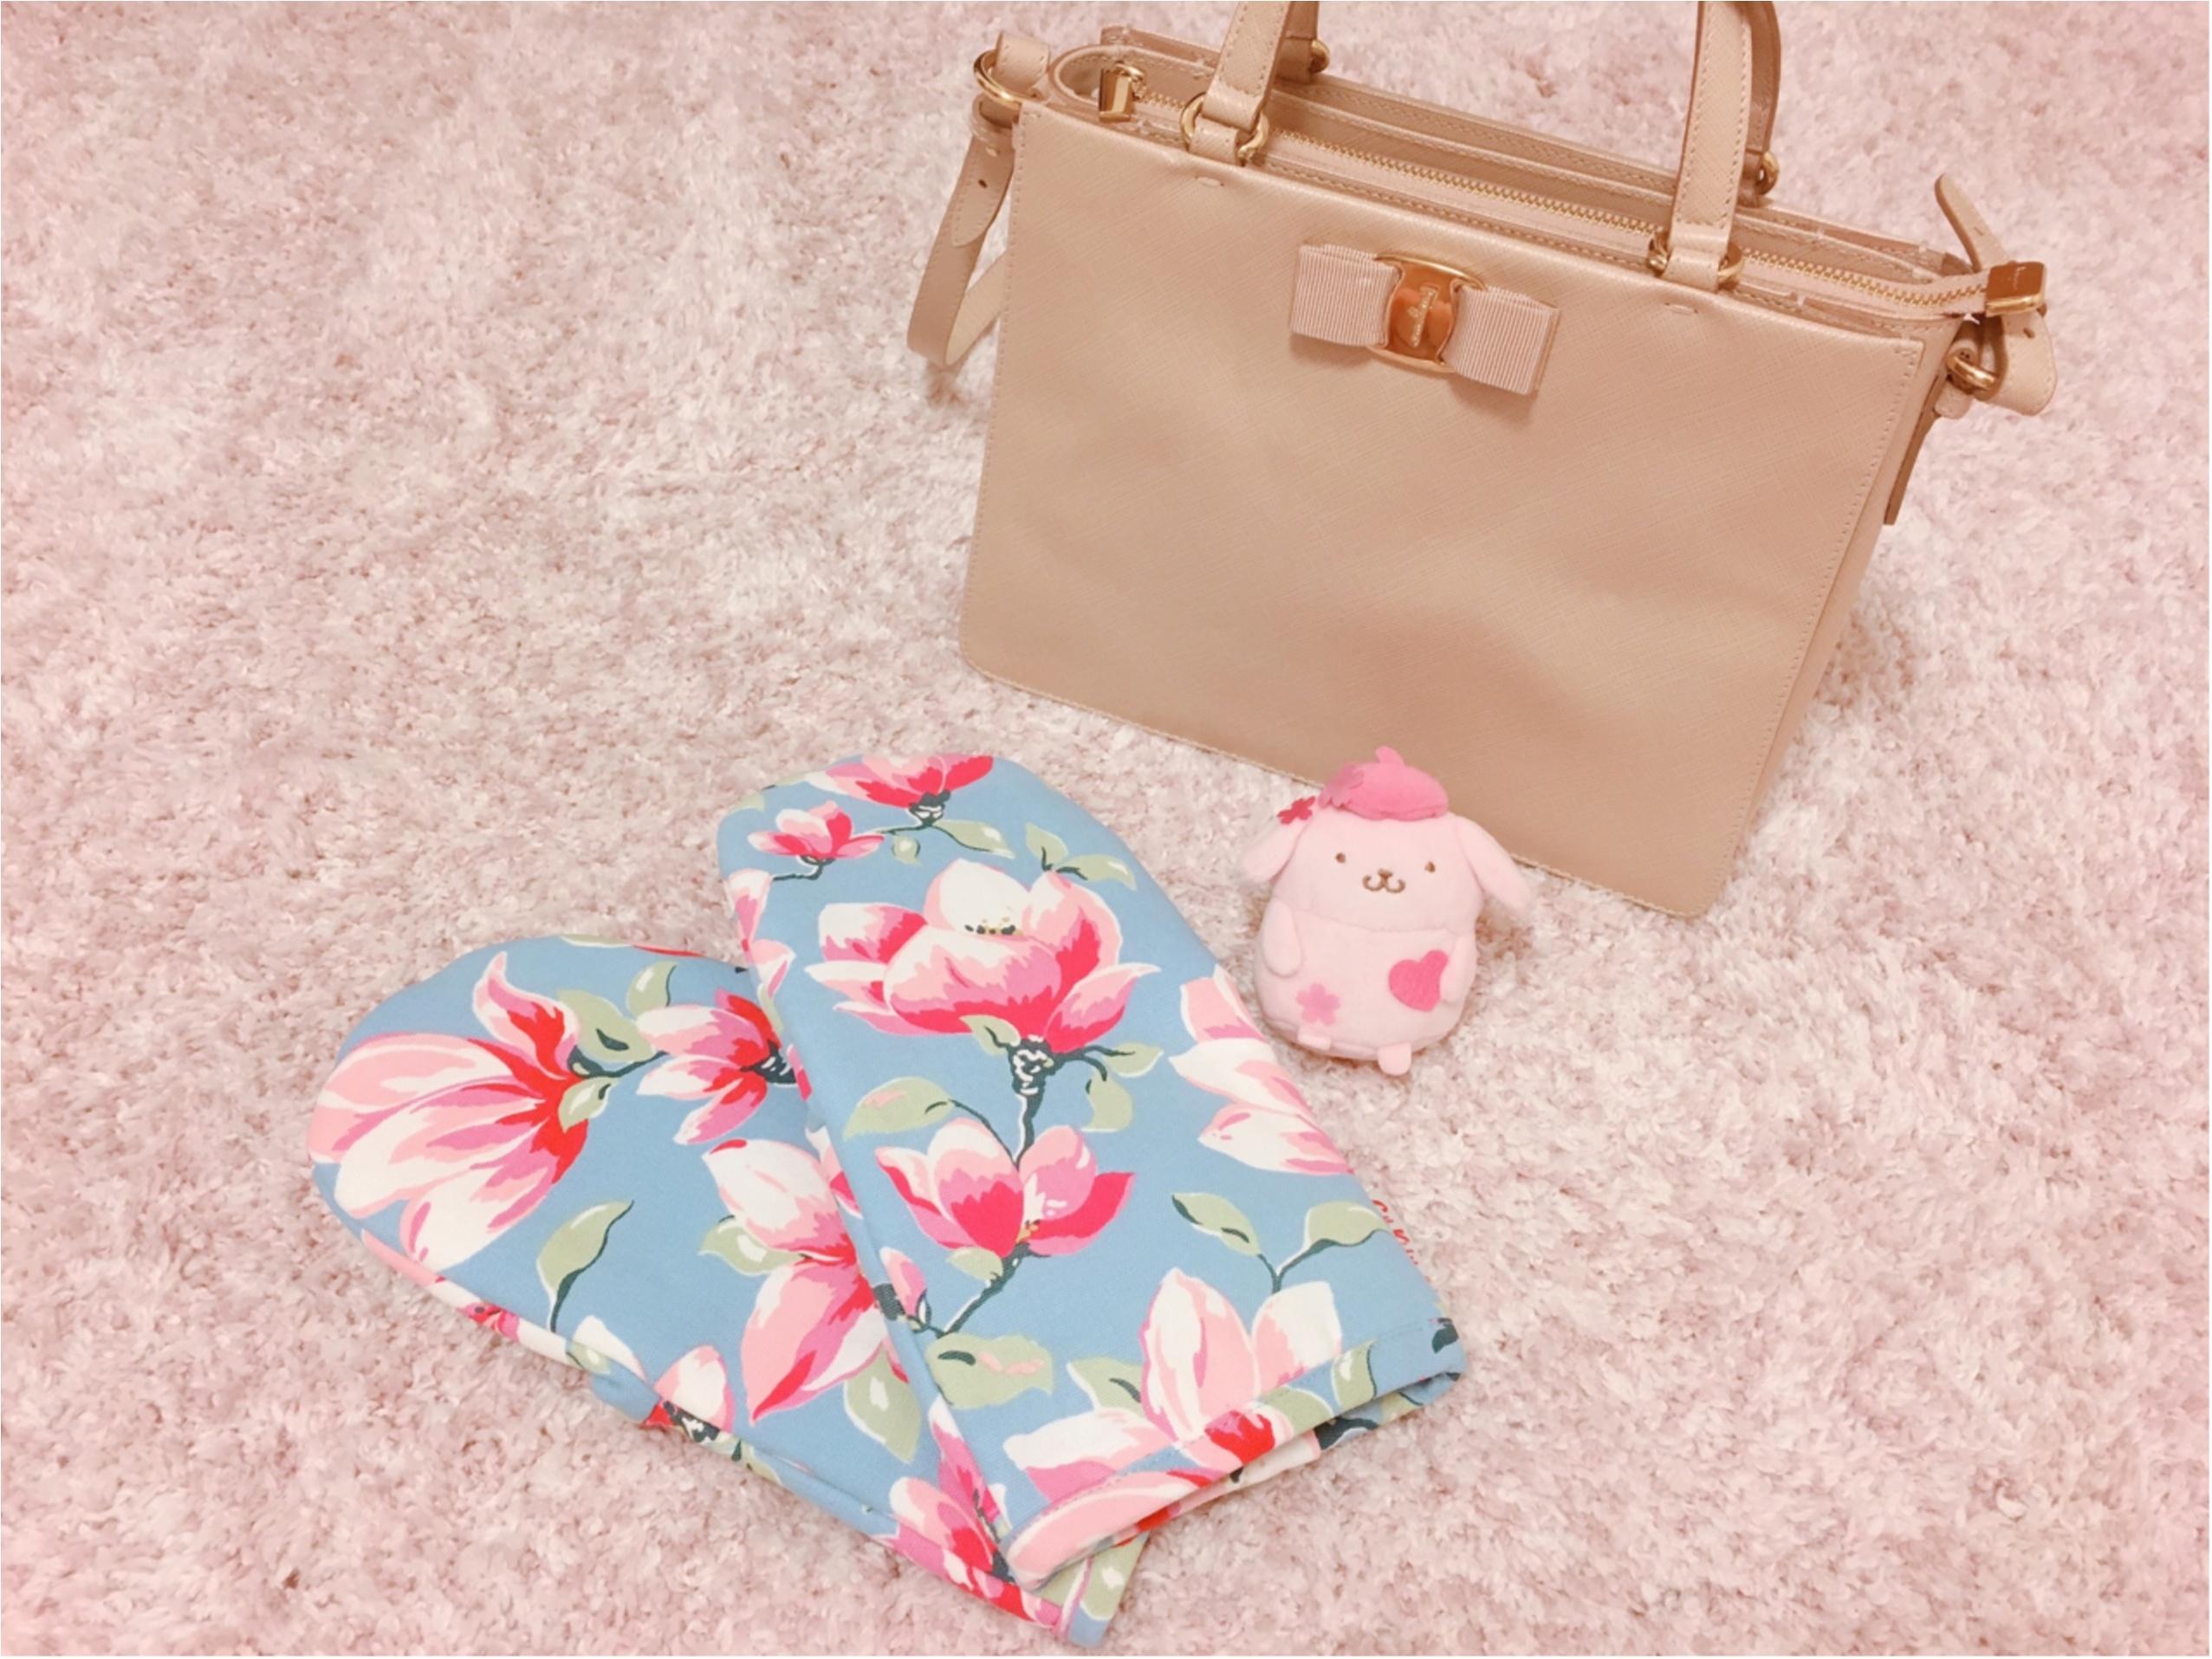 みんなどんなバッグ使ってるの? 憧れブランドもまとめて「愛用バッグ」まとめ♡♡_1_6